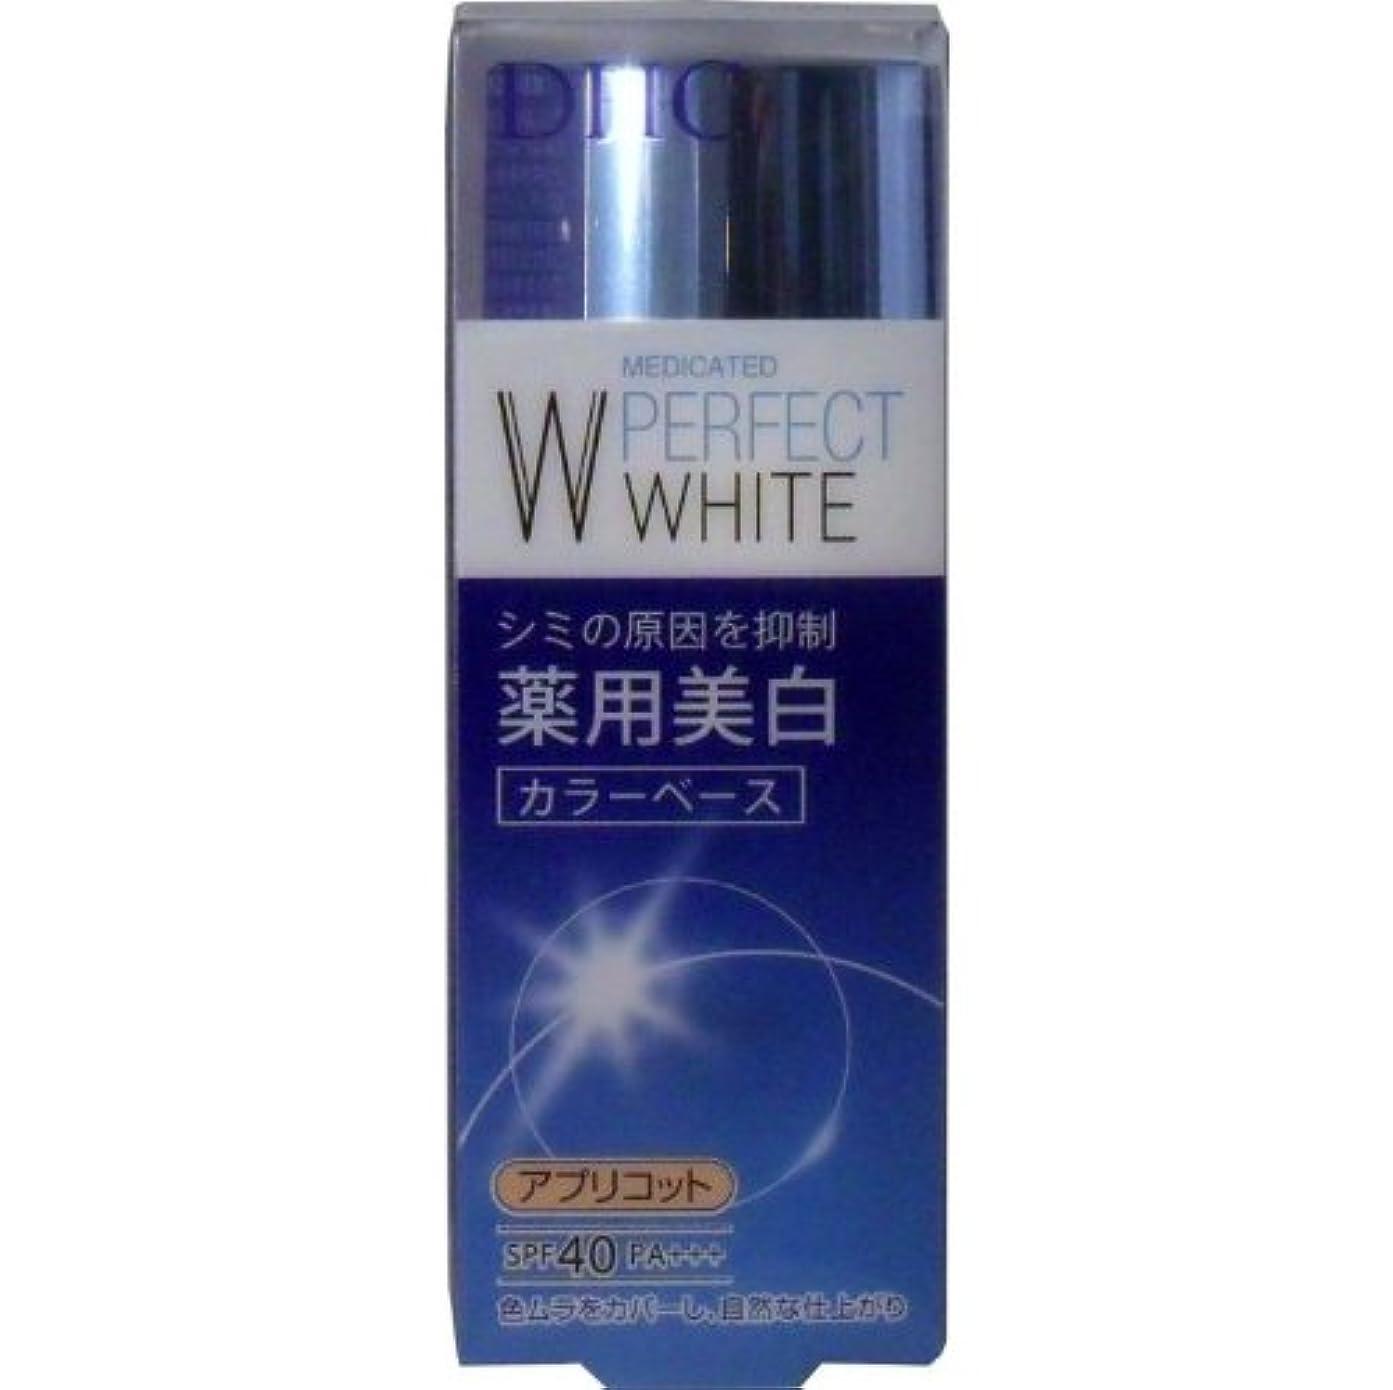 偽造趣味常習者DHC 薬用美白パーフェクトホワイト カラーベース アプリコット 30g